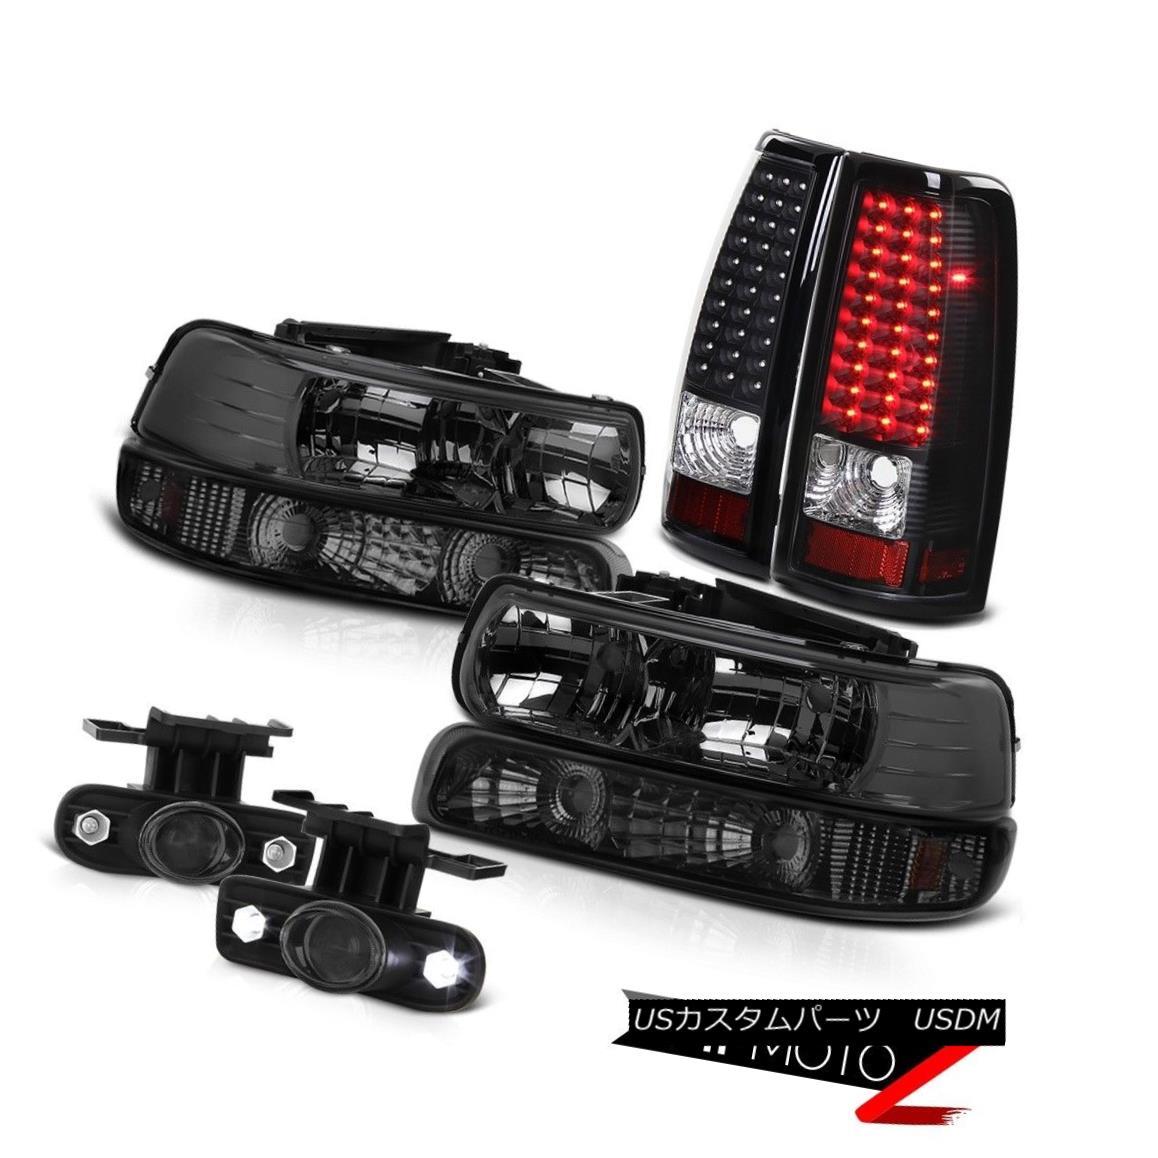 ヘッドライト 99-02 Silverado 6.0L 8.1 V8 Crystal Smoke Headlight Signal LED Projector DRL Fog 99-02 Silverado 6.0L 8.1 V8クリスタルスモークヘッドライト信号LEDプロジェクターDRLフォグ